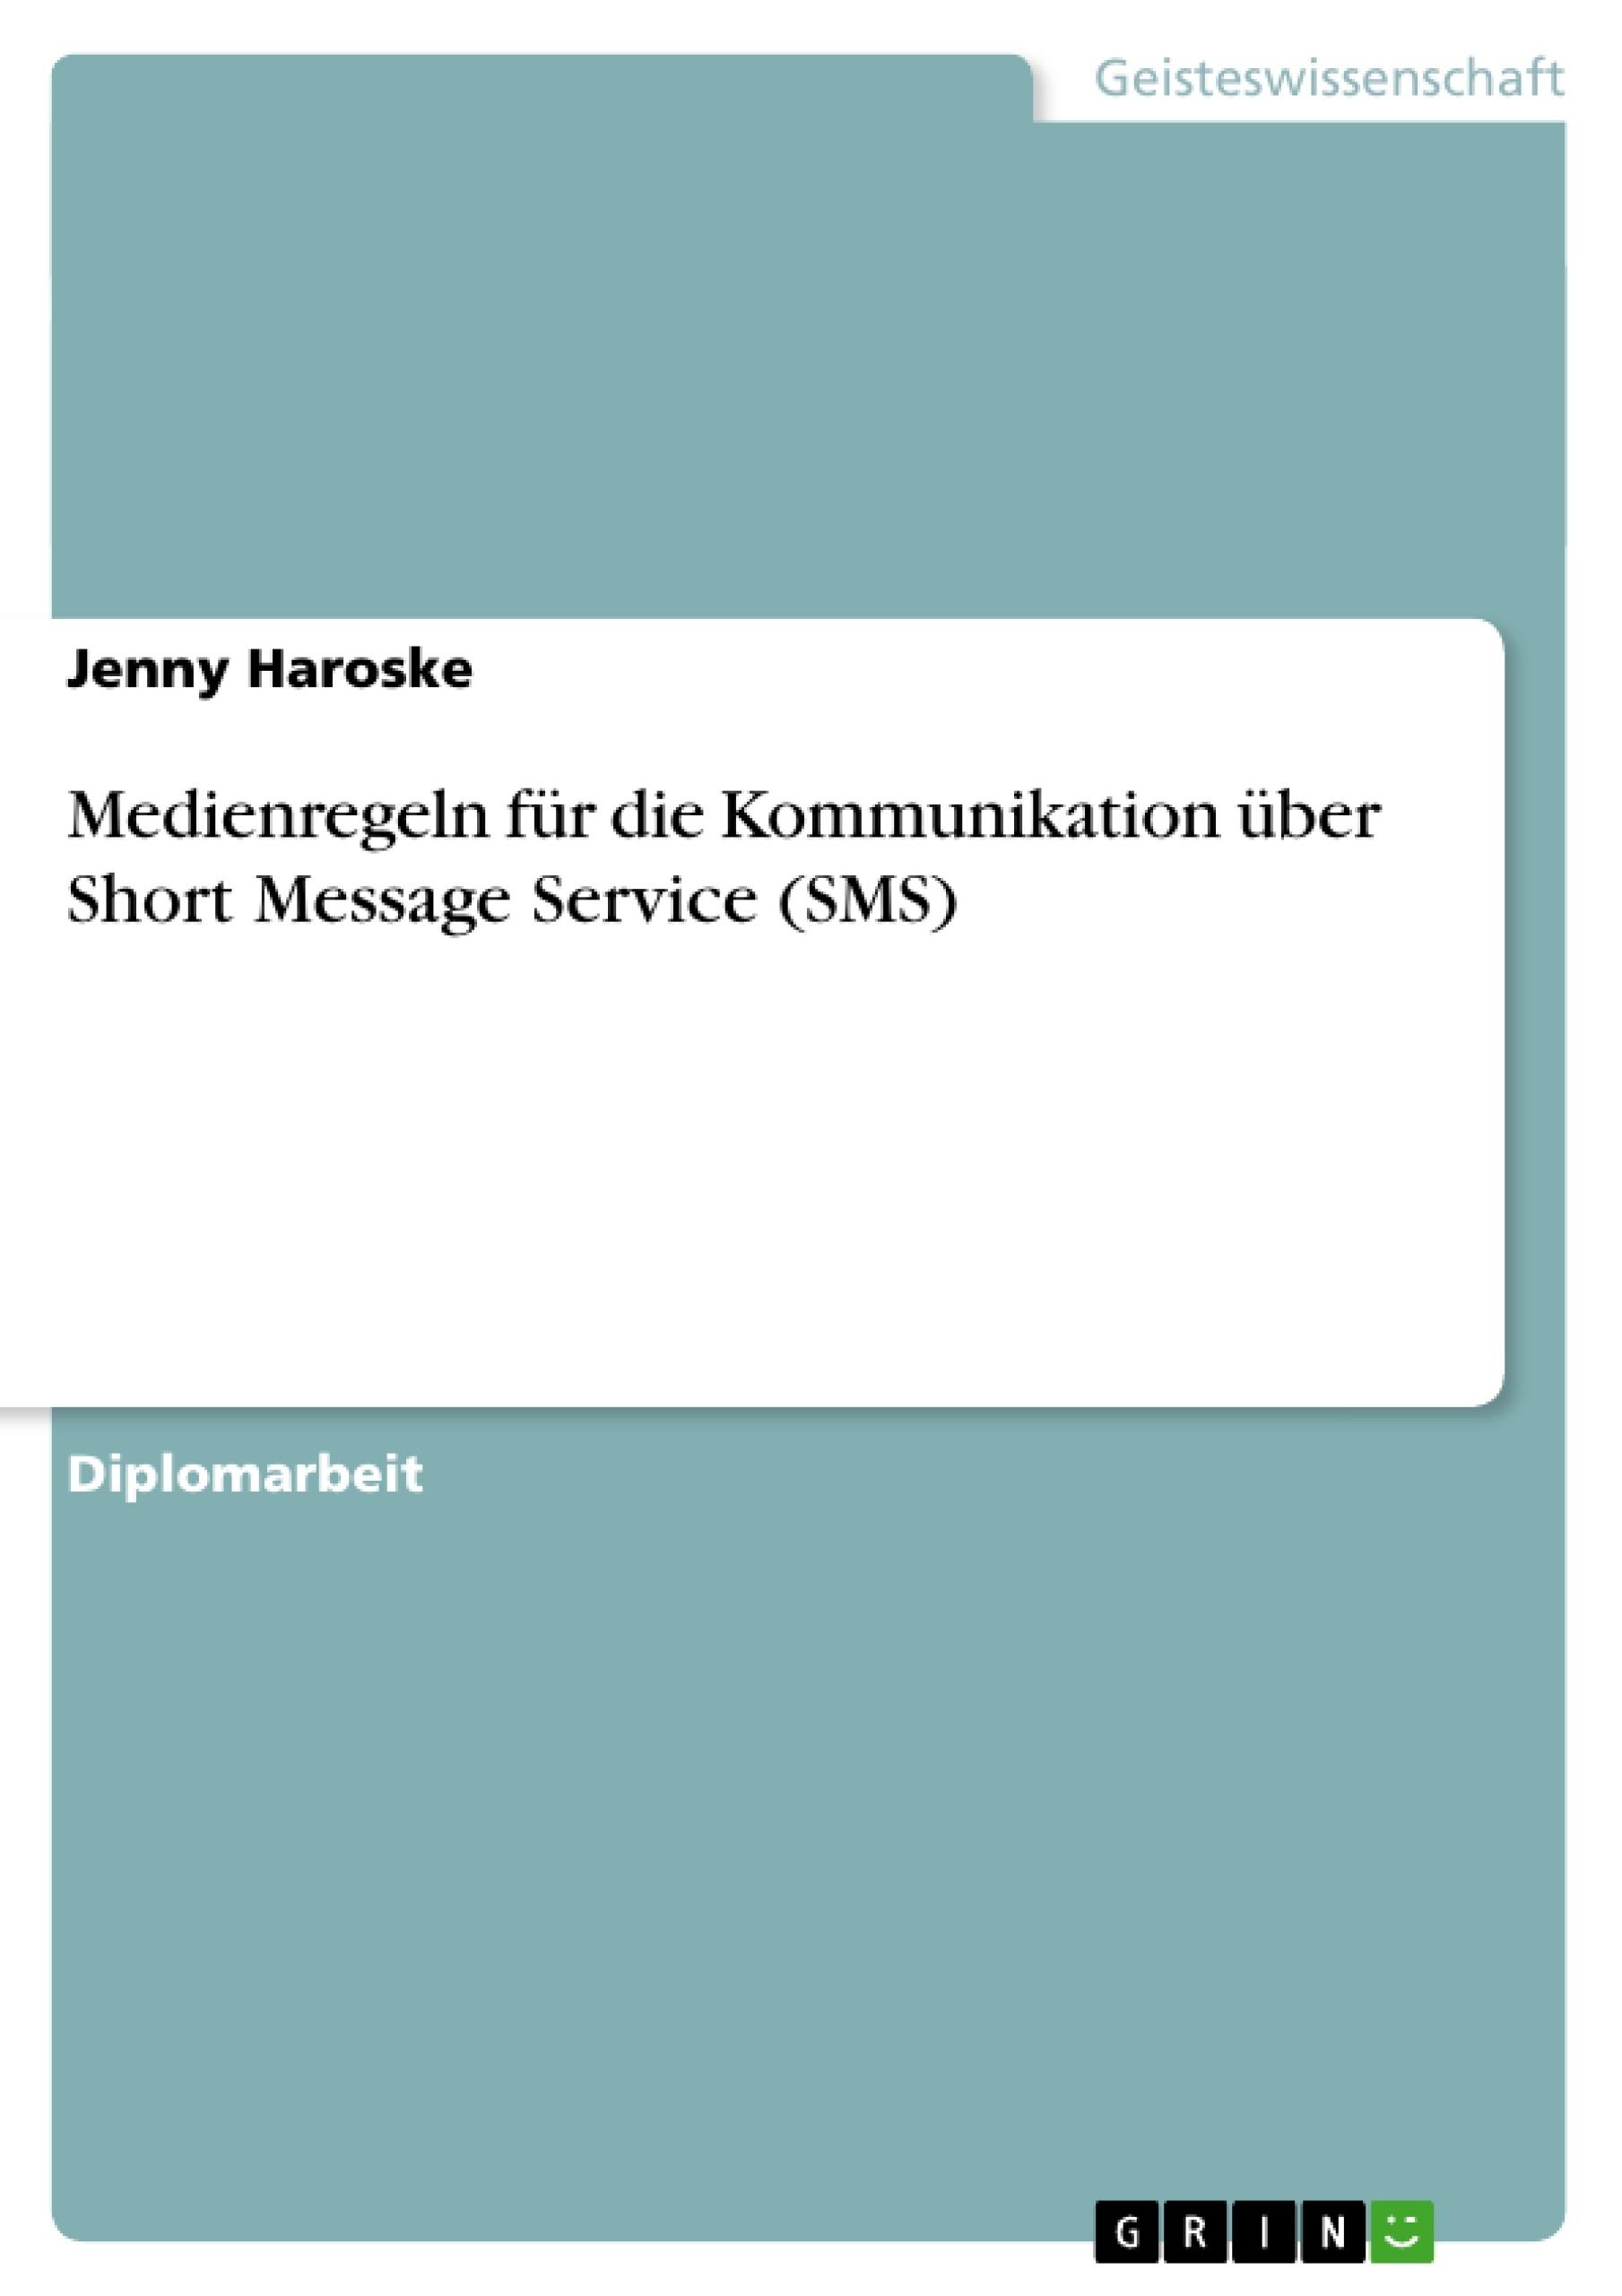 Titel: Medienregeln für die Kommunikation über Short Message Service (SMS)